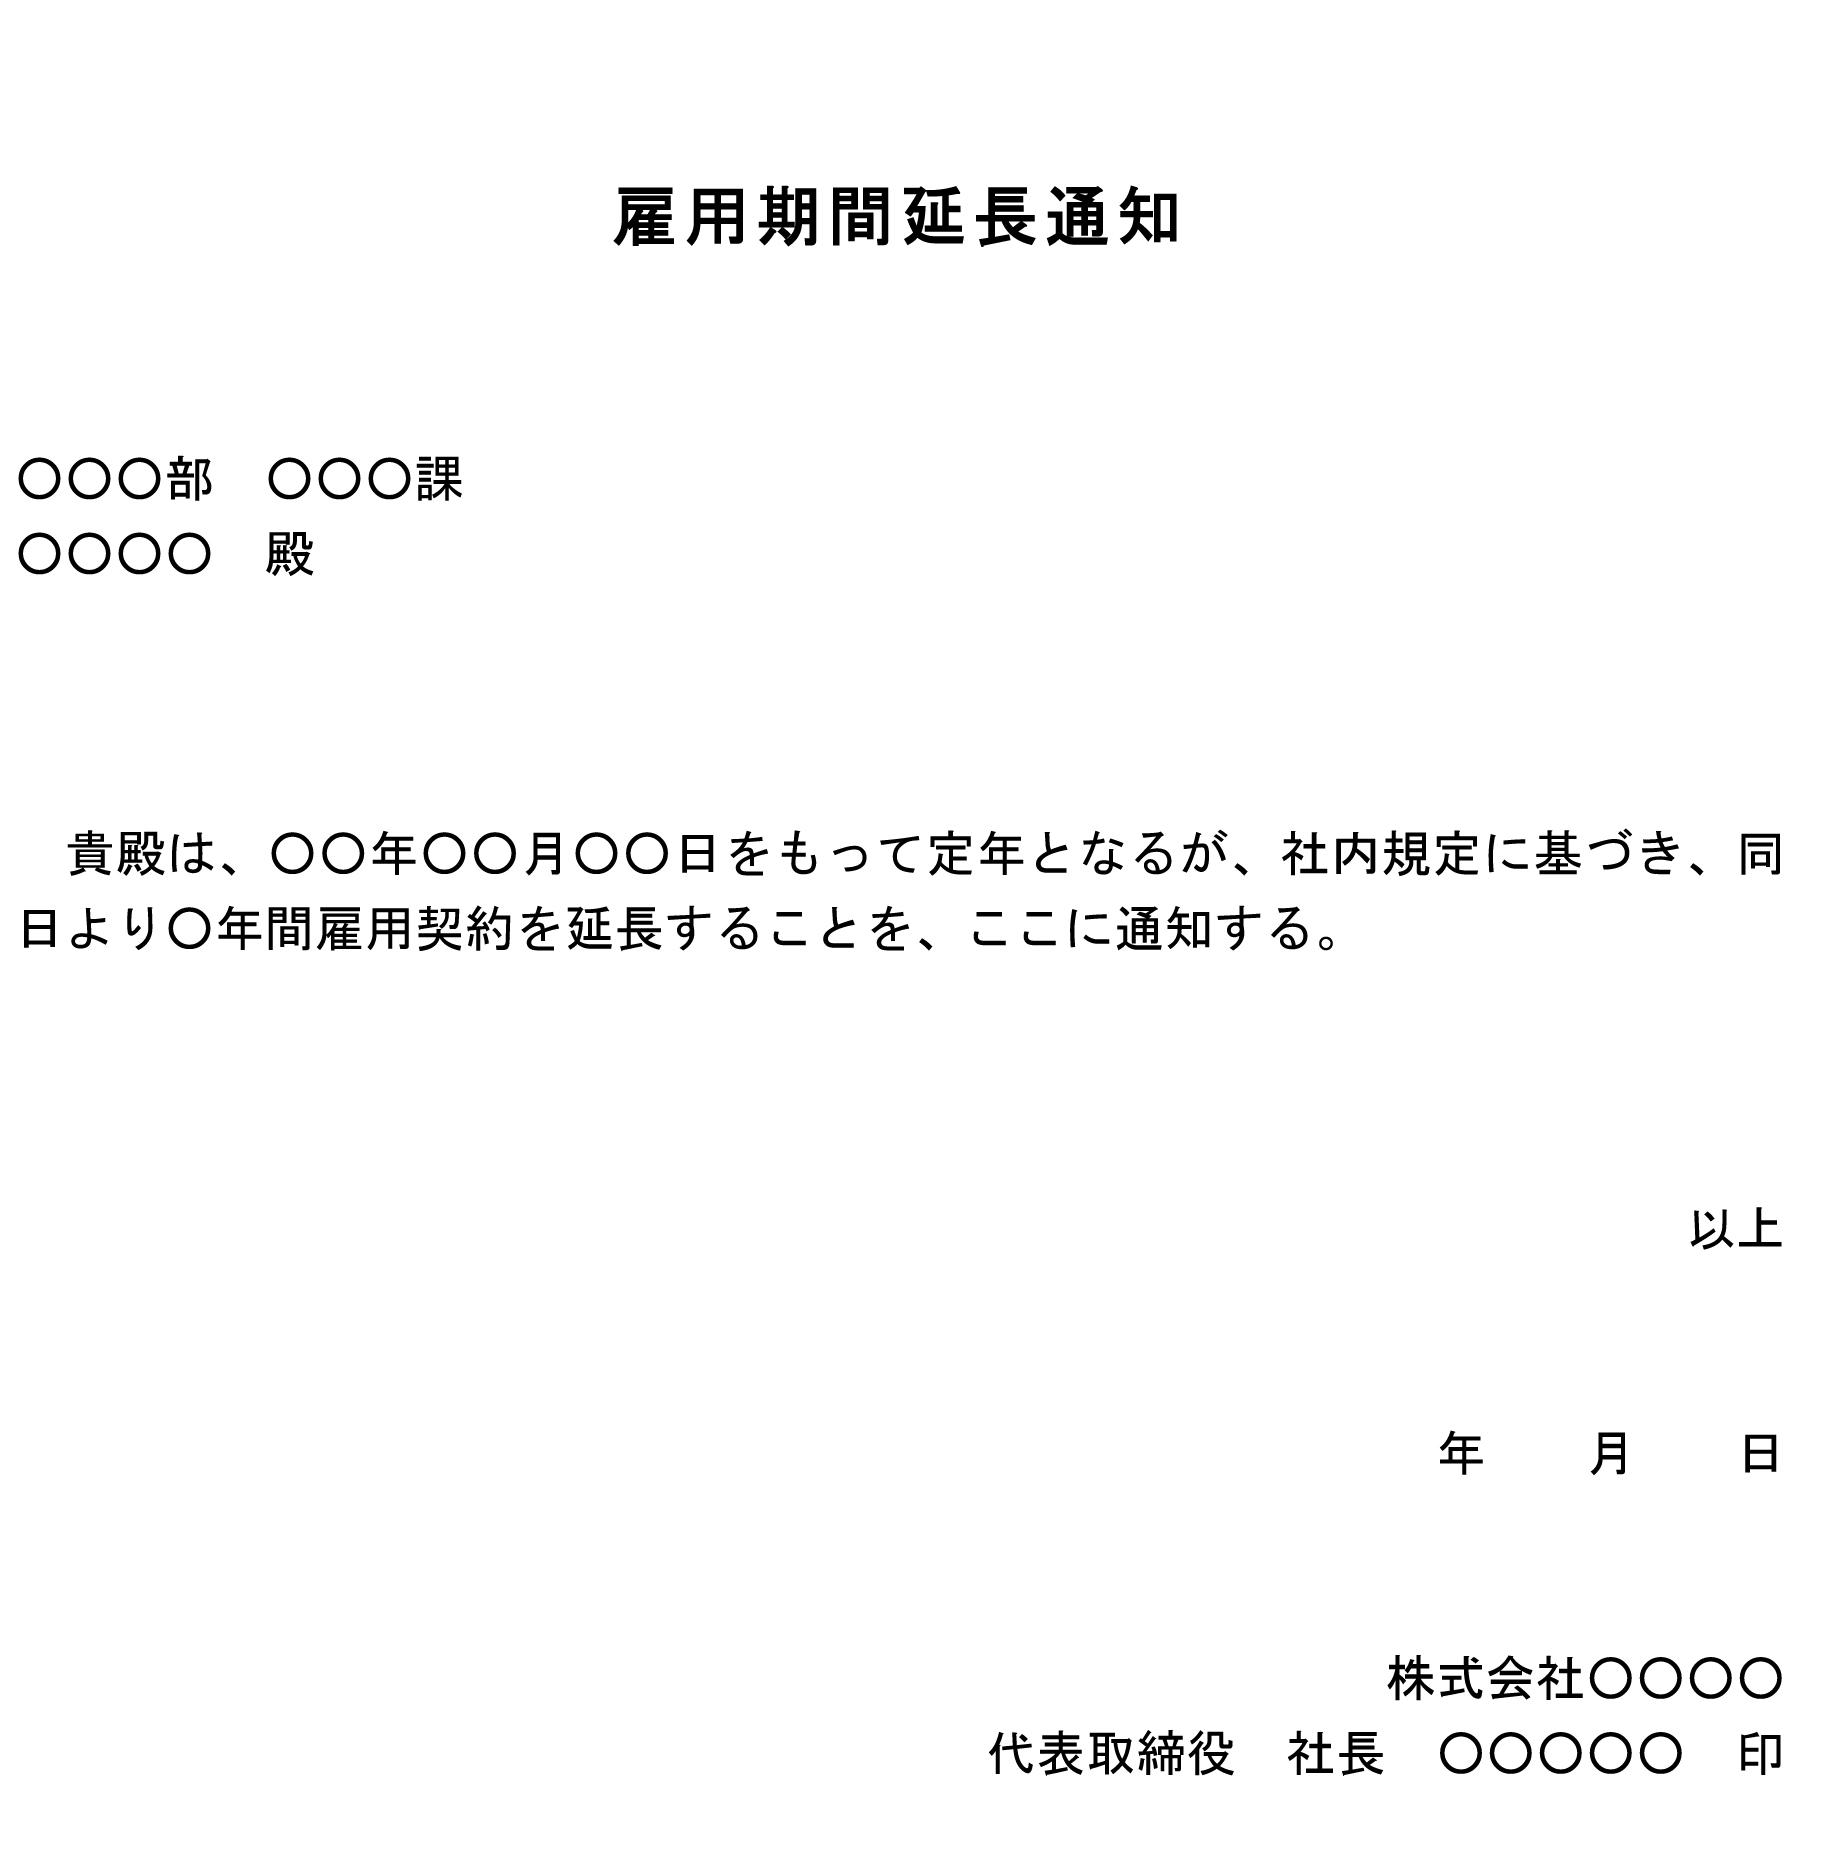 雇用期間延長通知02